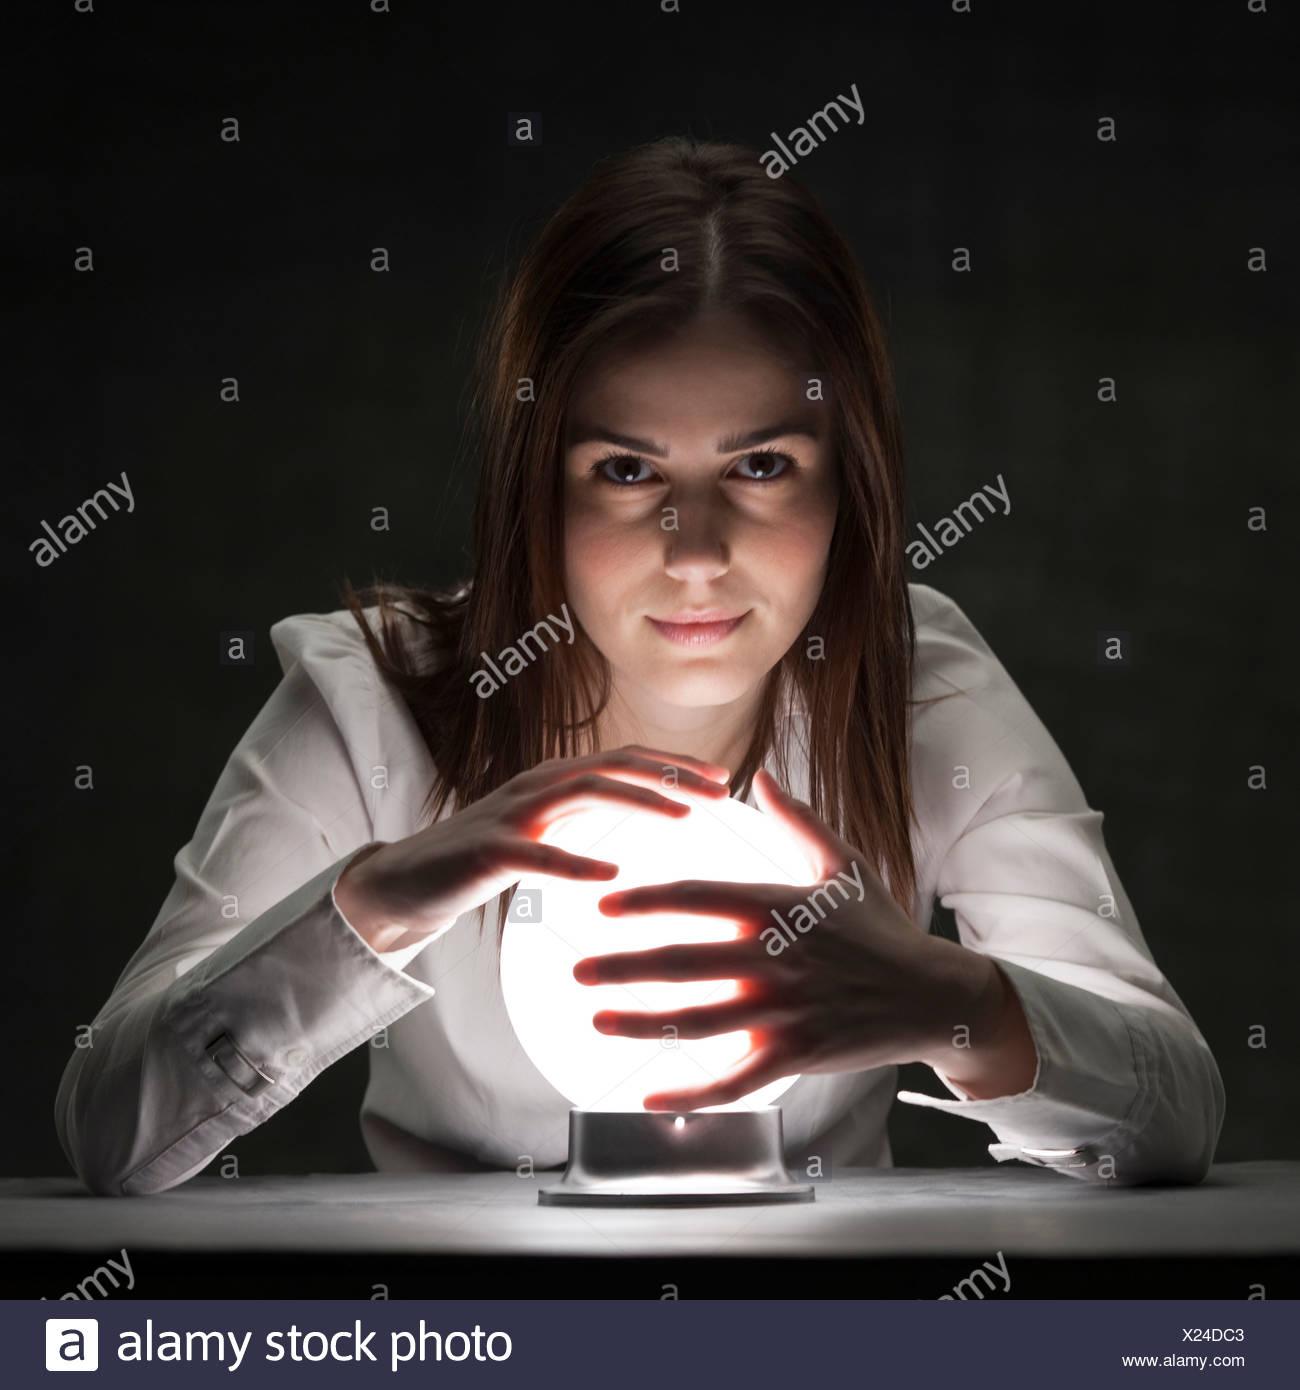 Studio Ritratto di giovane donna azienda sfera di cristallo Immagini Stock